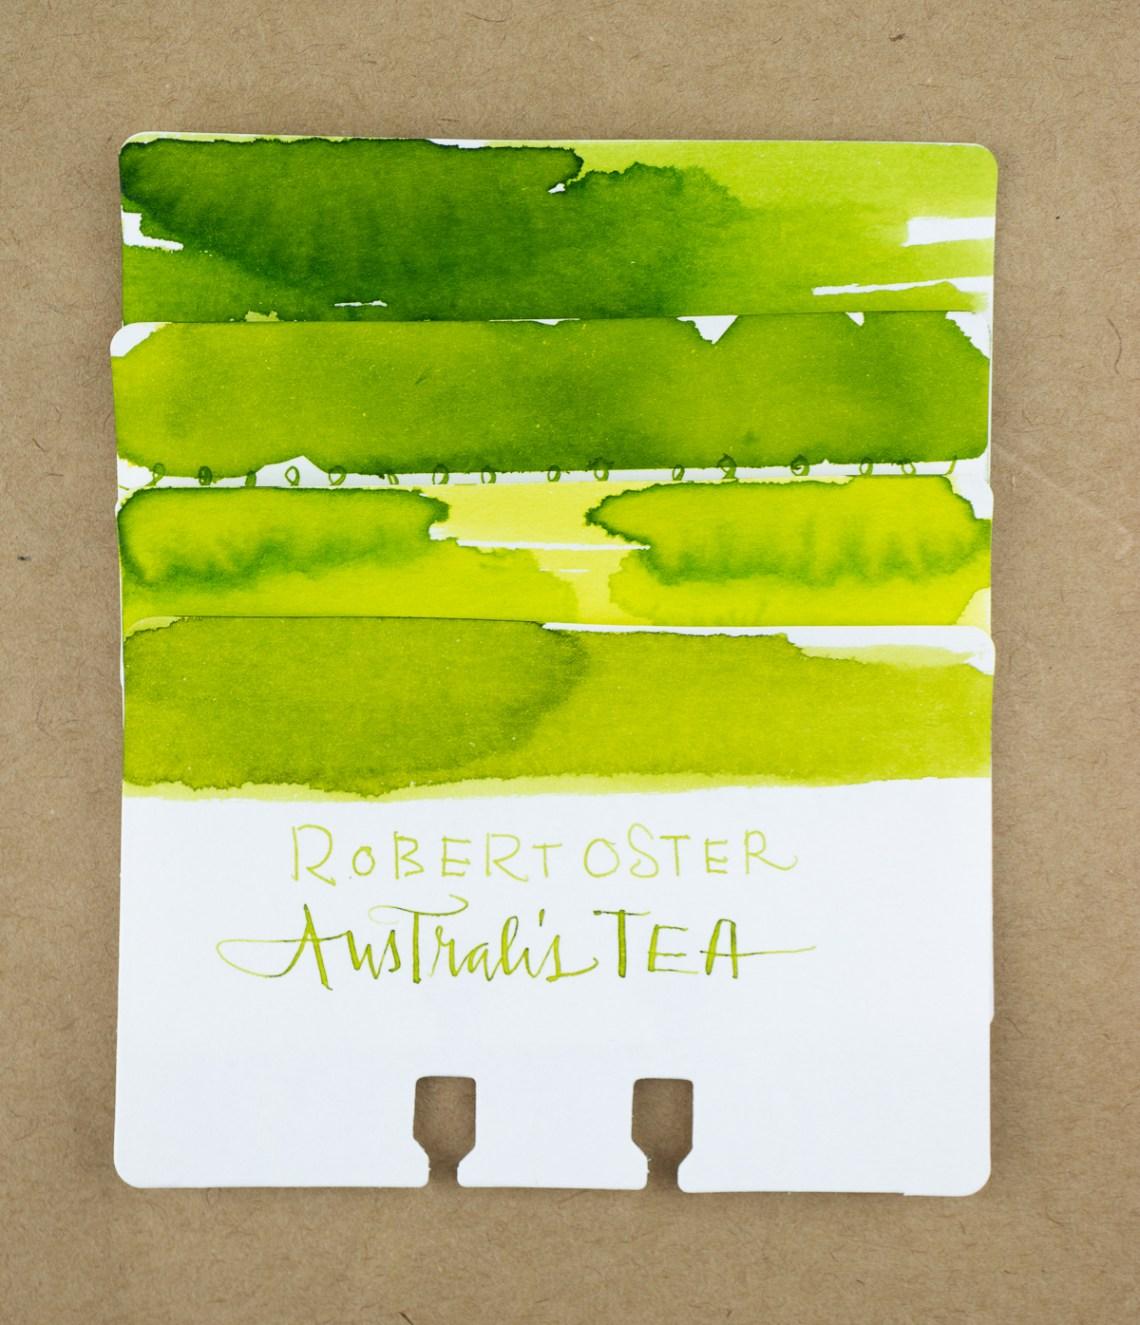 Robert Oster Australis Tea